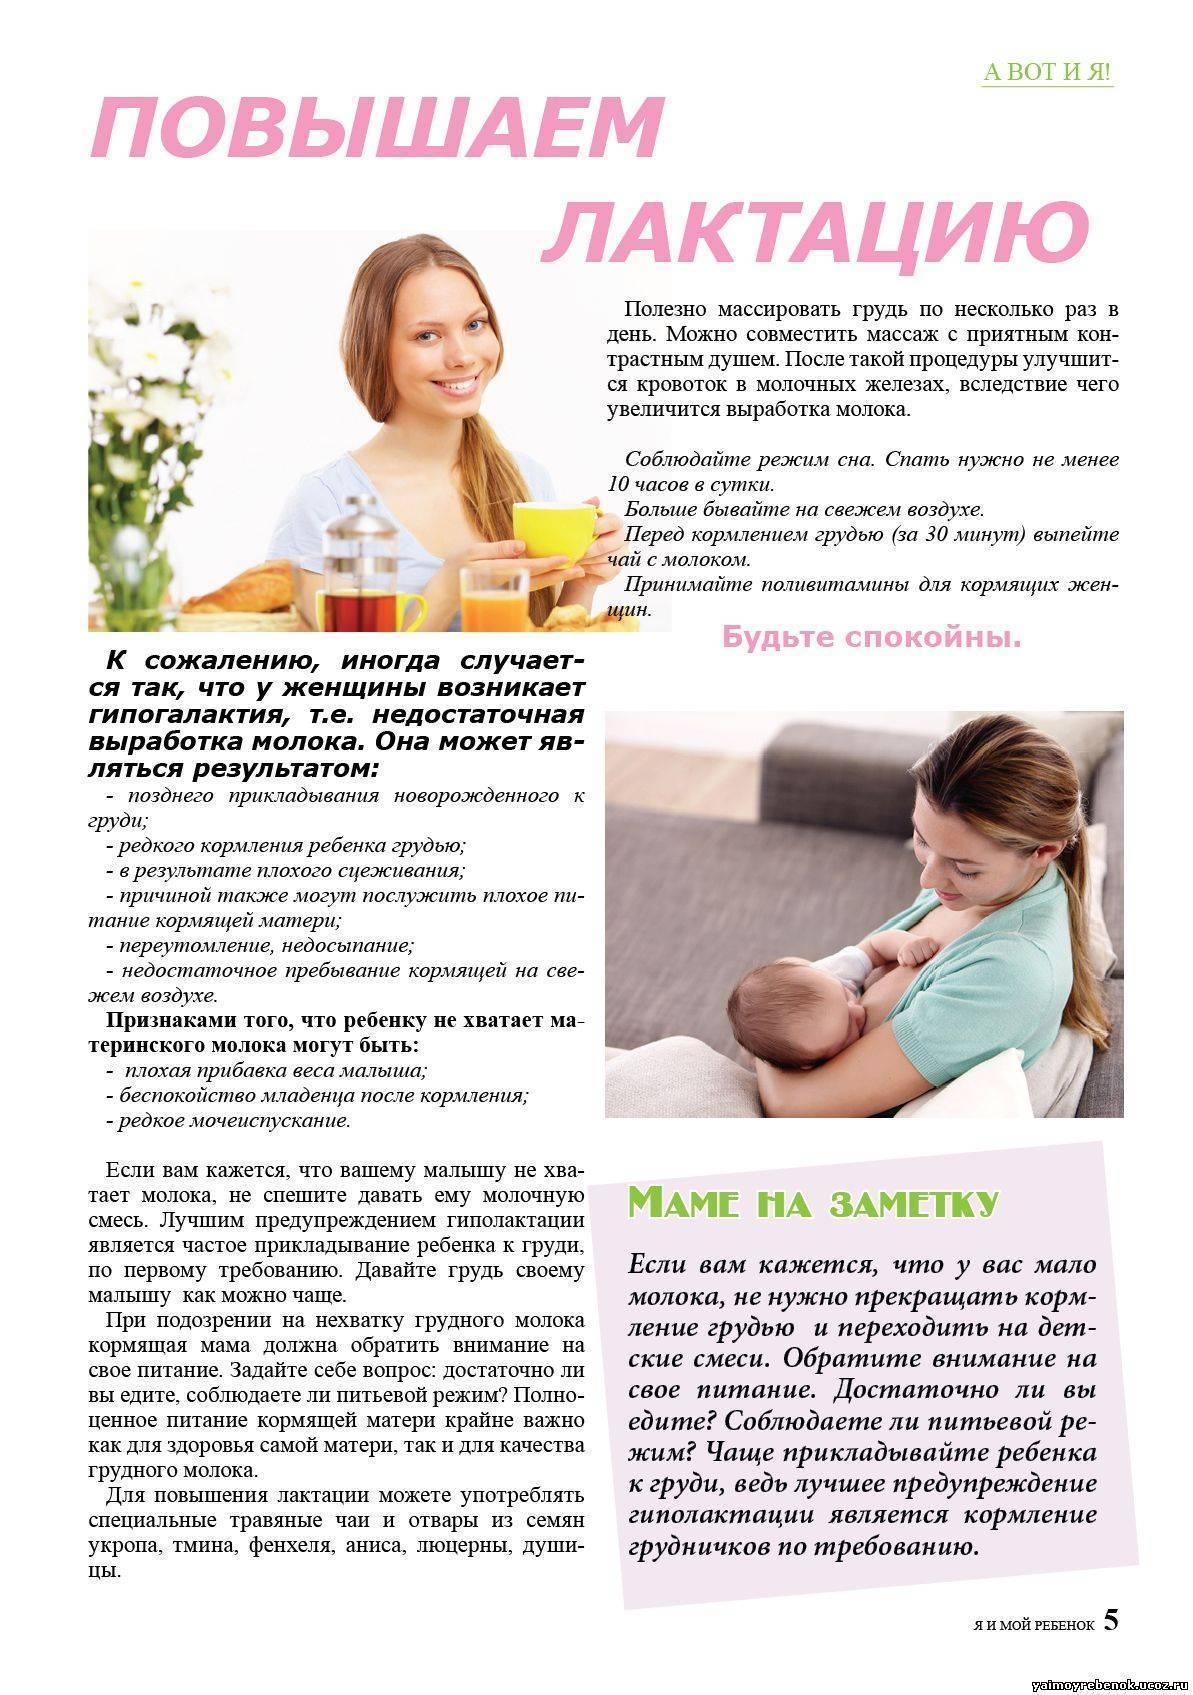 Как уменьшить лактацию (гиперлактация) грудного молока у кормящей матери